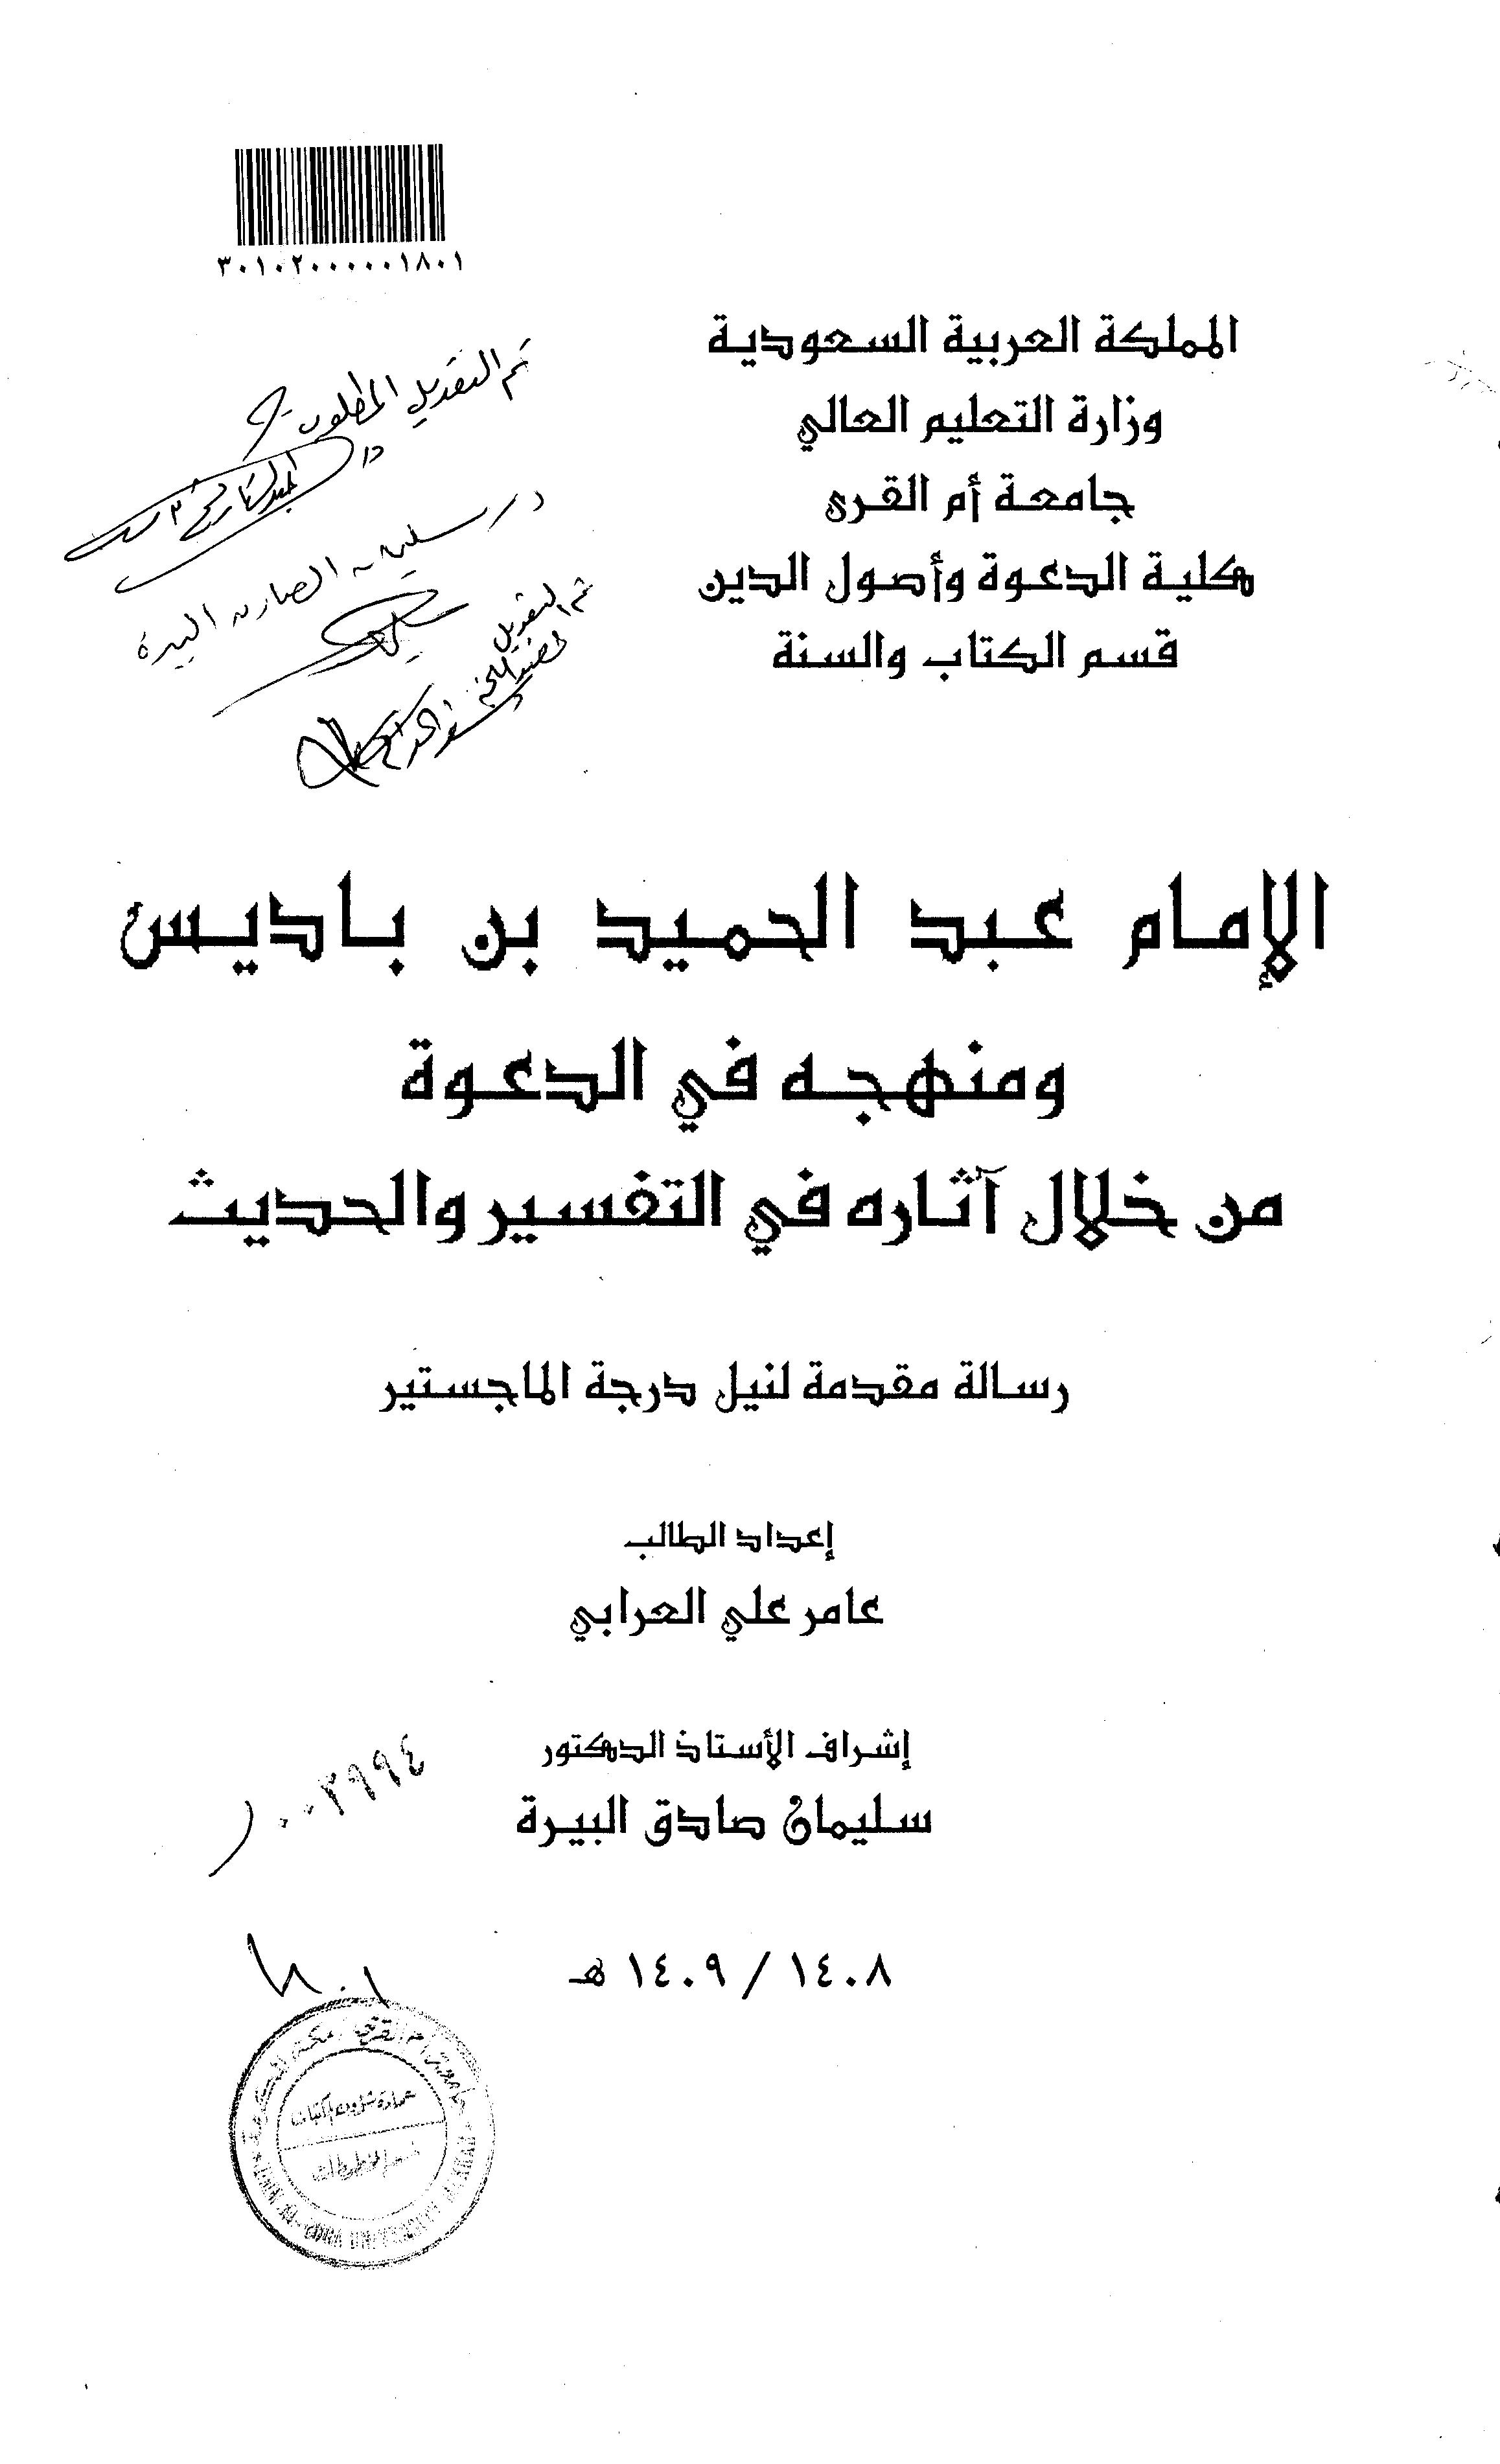 تحميل كتاب الإمام عبد الحميد بن باديس ومنهجه في الدعوة من خلال آثاره في التفسير والحديث لـِ: الدكتور عامر علي أحمد العرابي